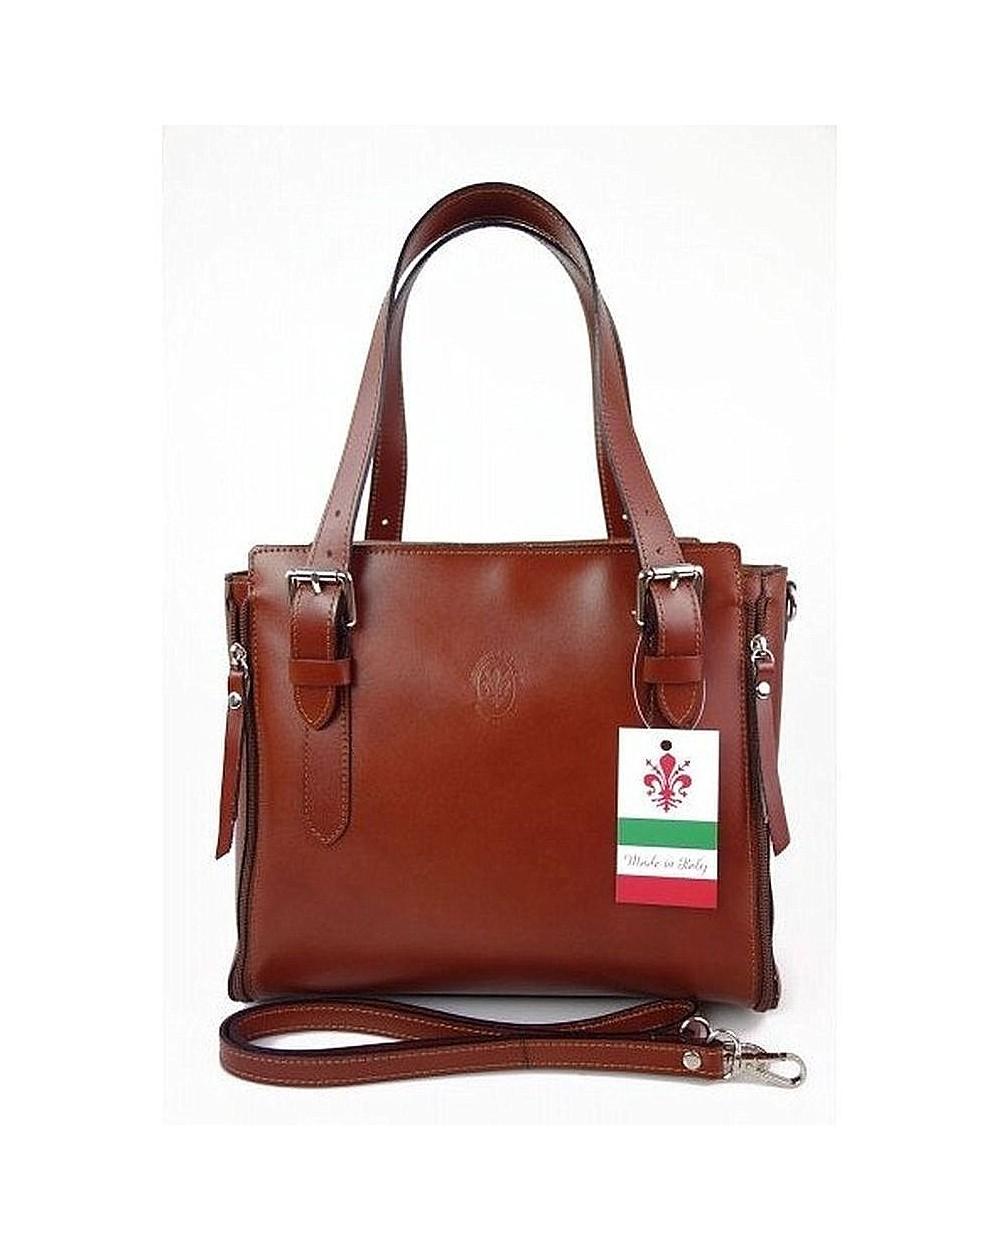 Włoska torba skórzana shopperka kuferek brązowa